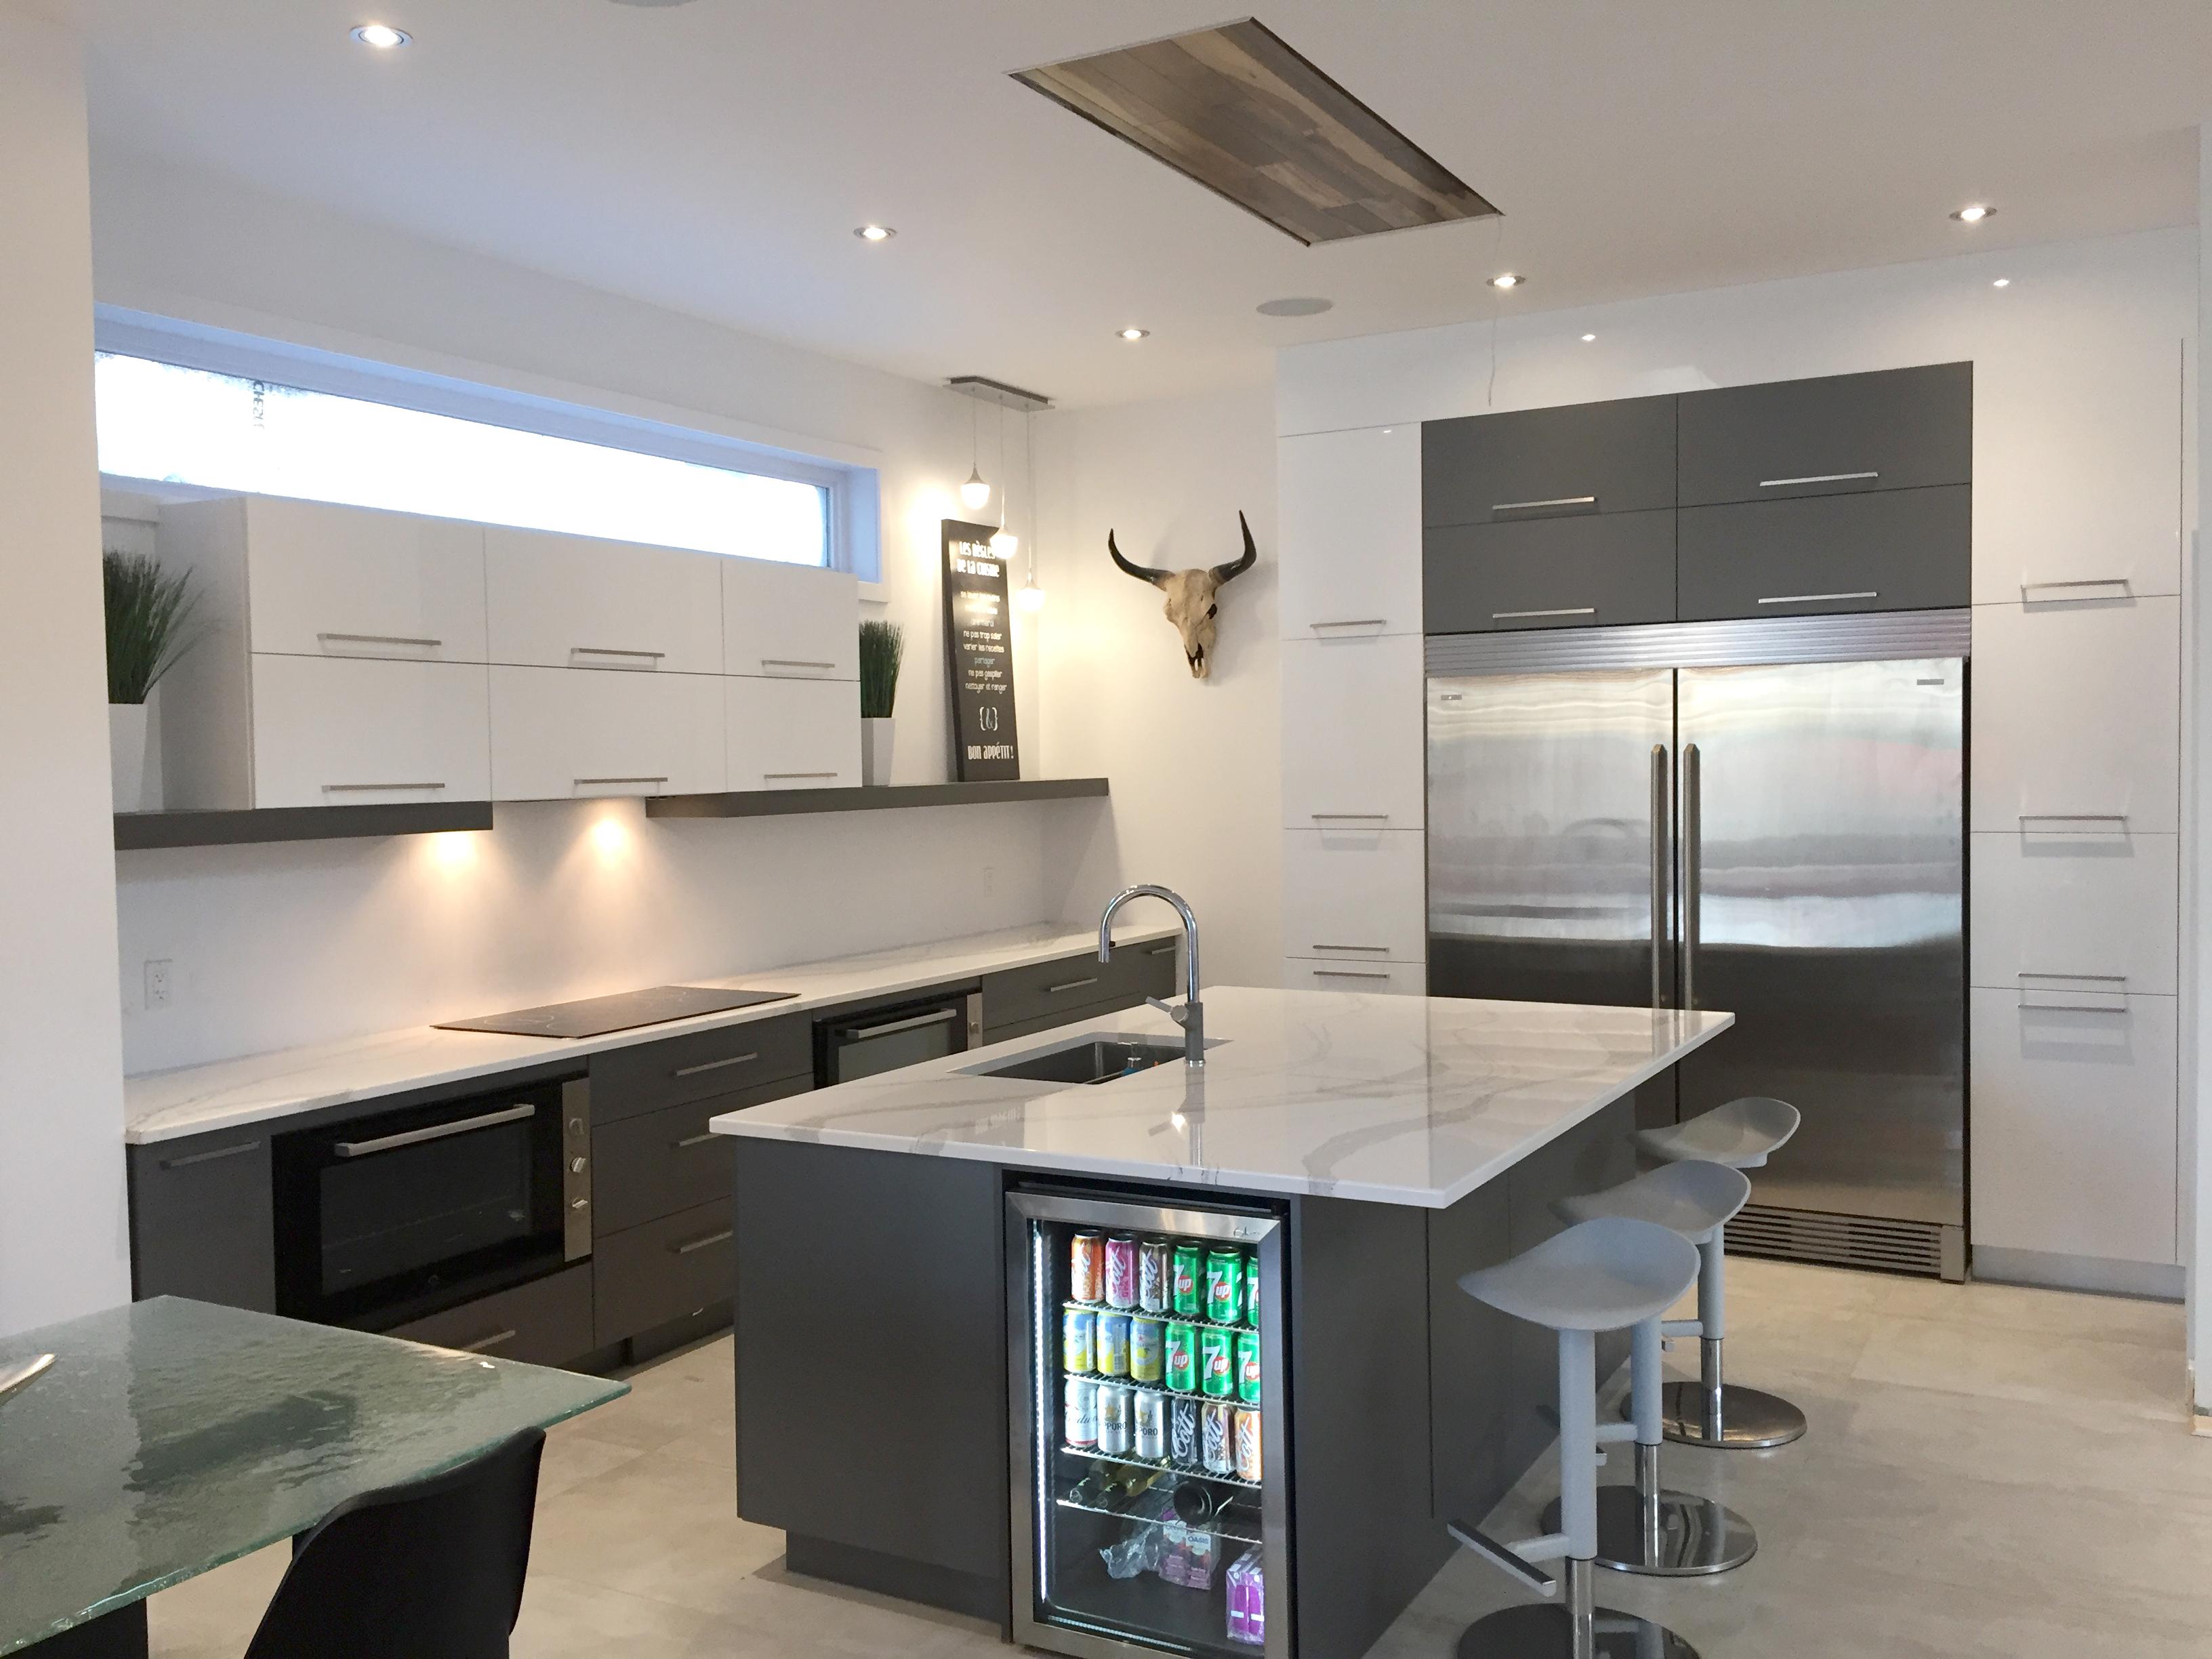 Fabricant De Caisson De Cuisine armoires xcetera: fabricant d'armoires de cuisine haut de